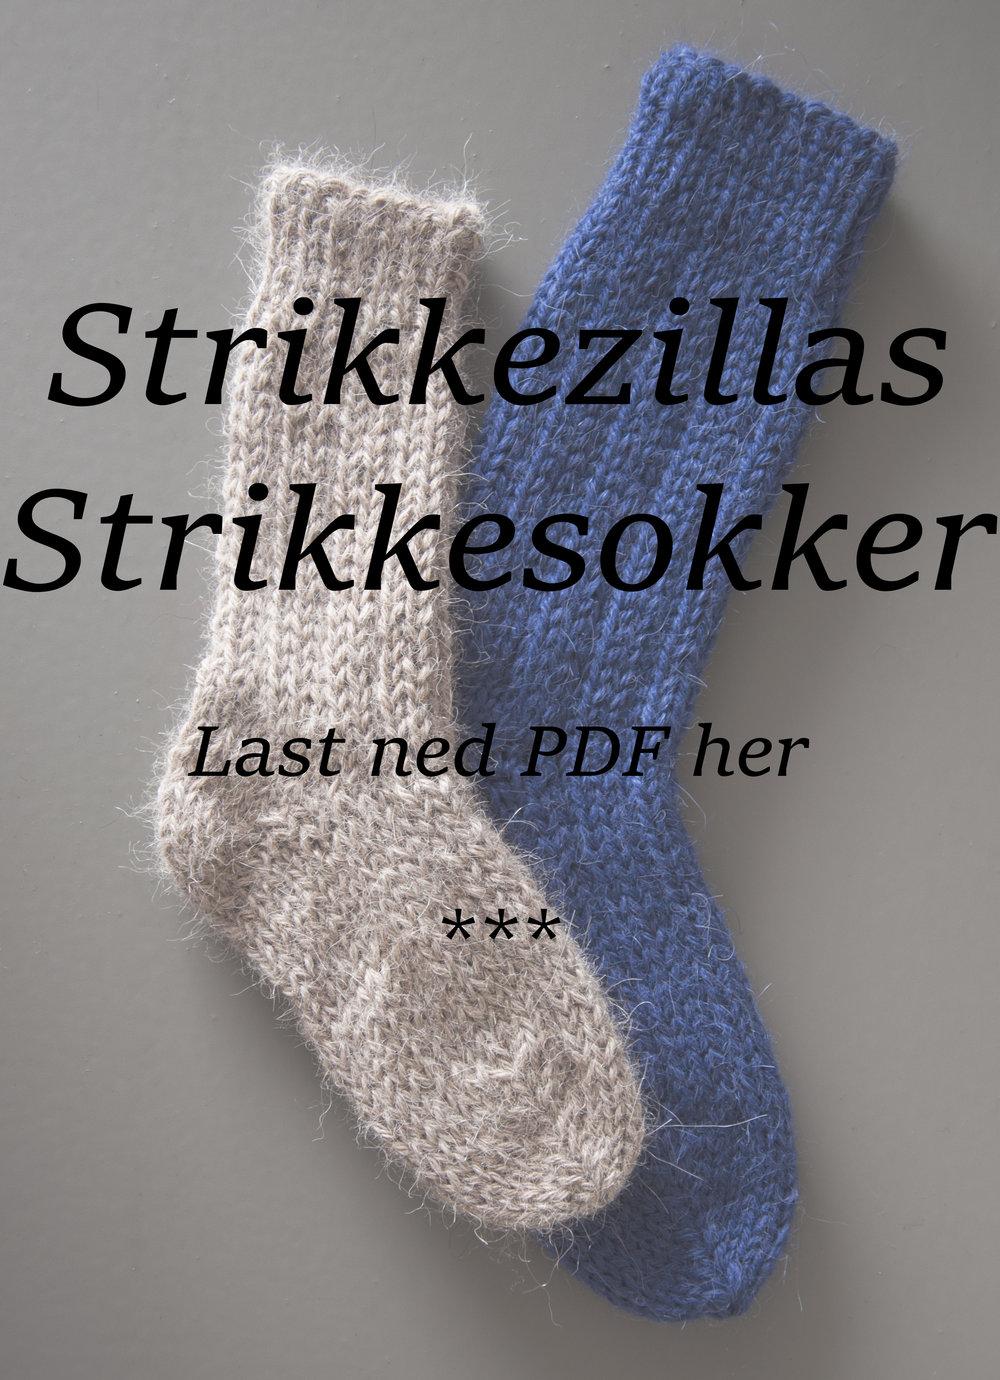 StrikkesokkerPDF